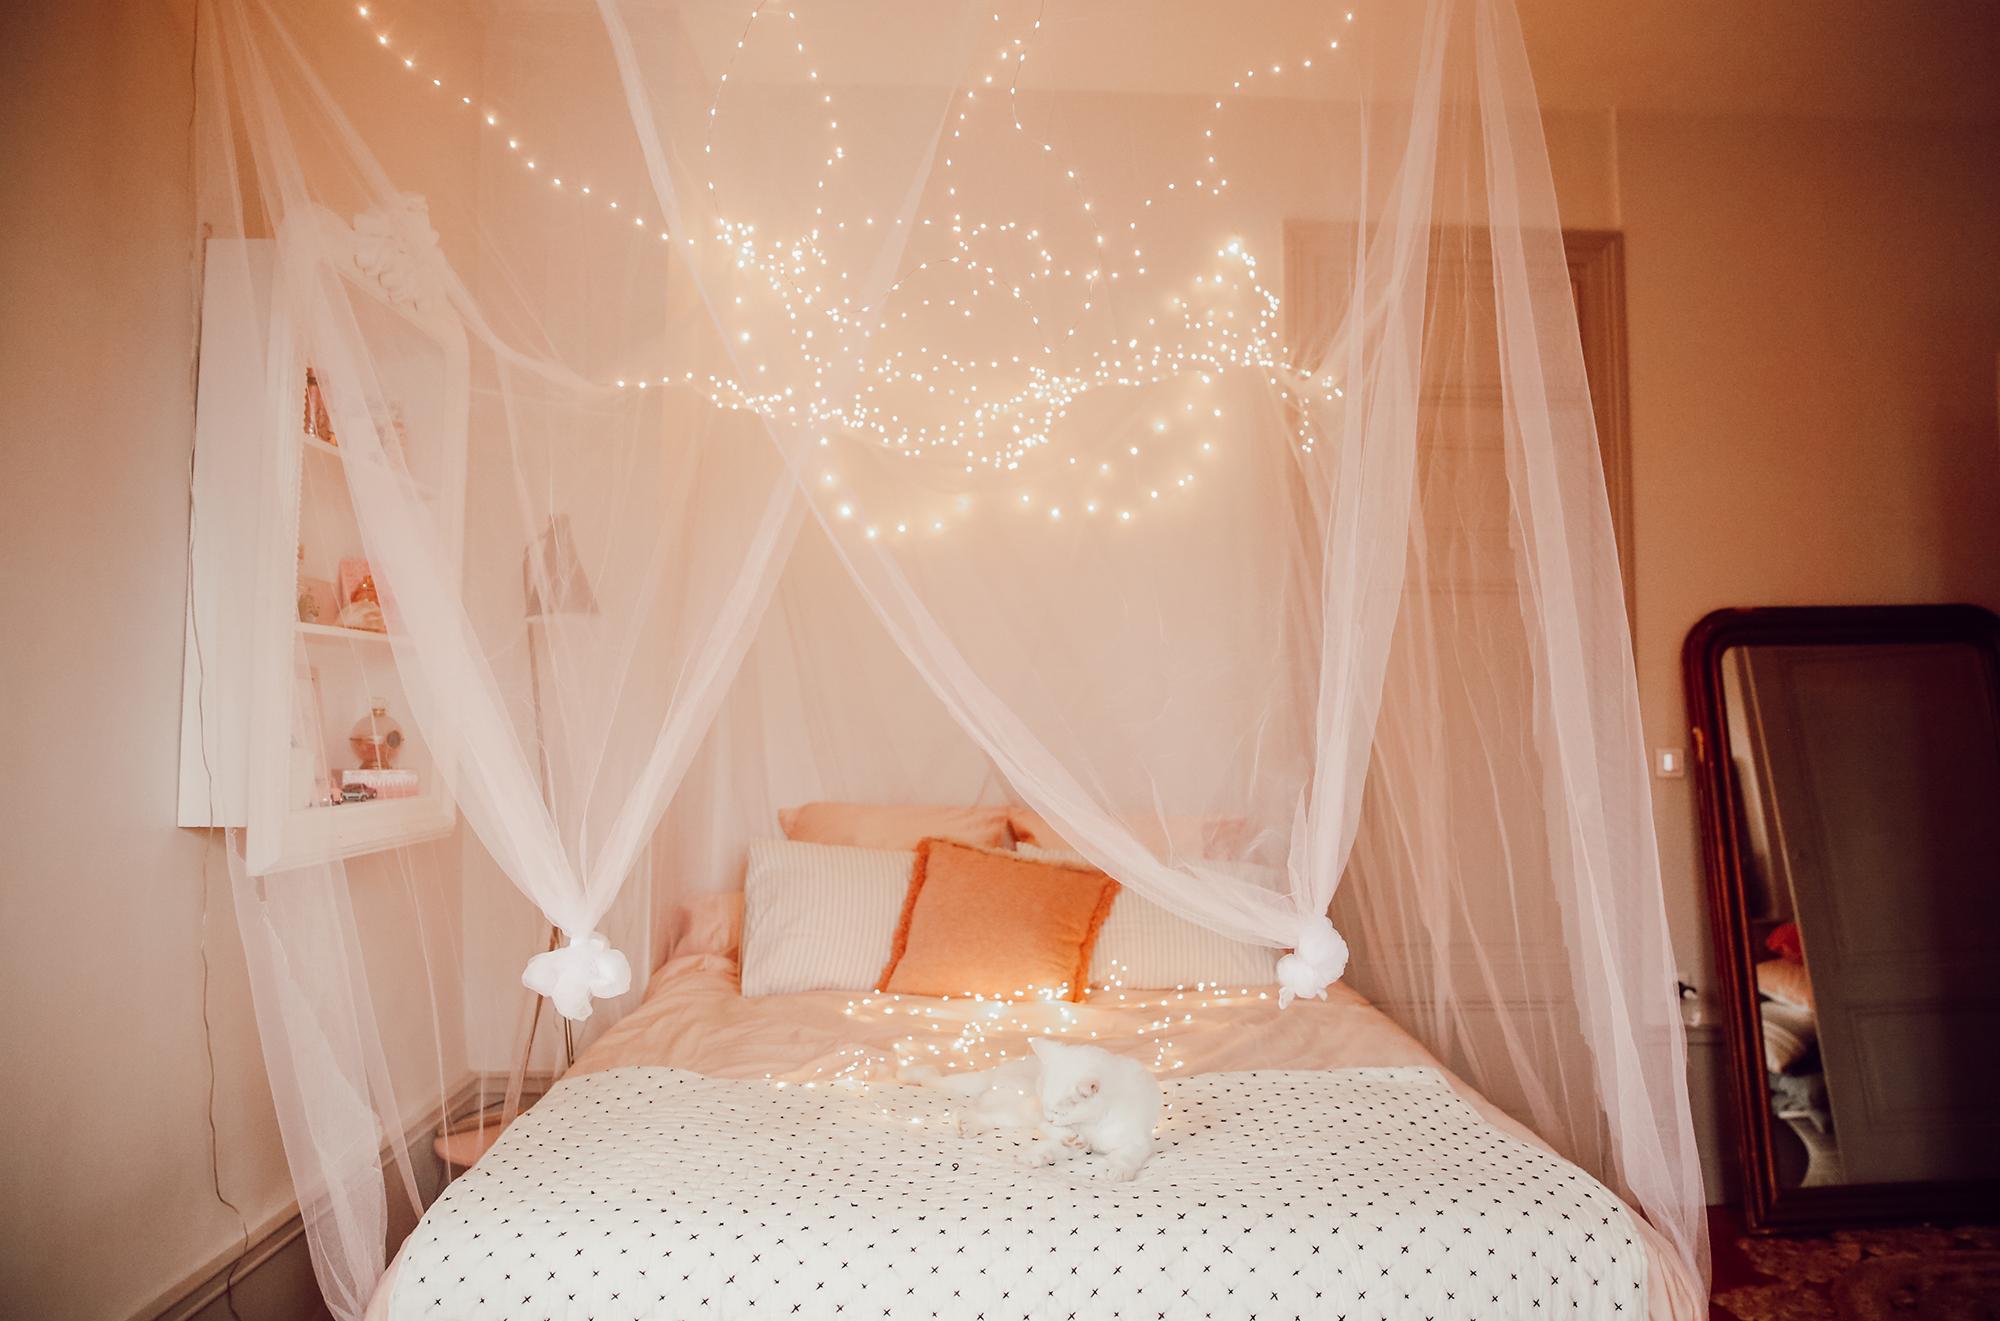 Fabriquer Ciel De Lit mon ciel de lit étoilé | elles en parlent